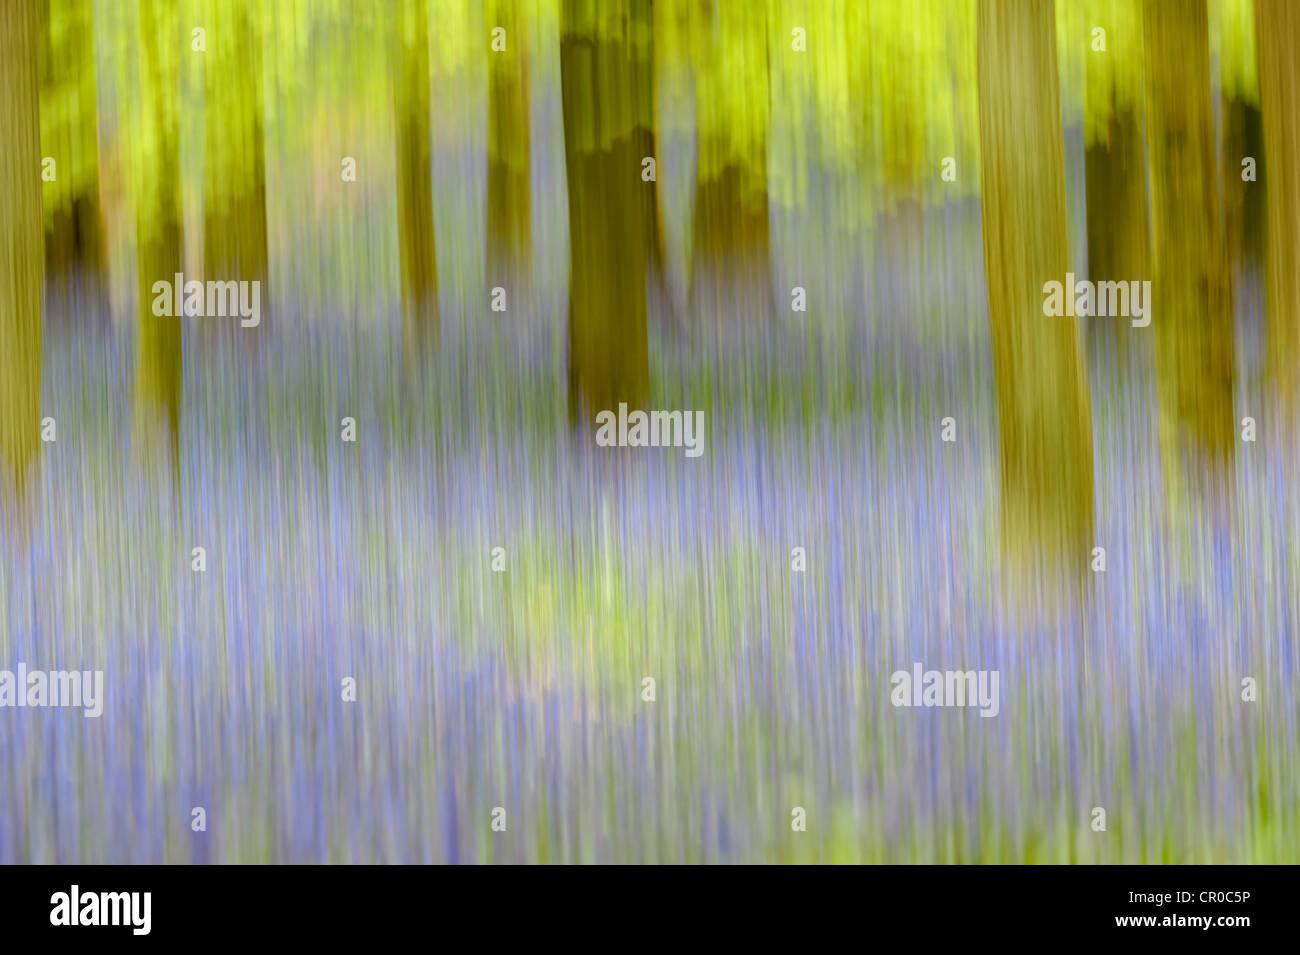 Impression photographique de bois bluebell au printemps. Forêt de Ashridge dans le Hertfordshire, en Angleterre. Mai. Banque D'Images